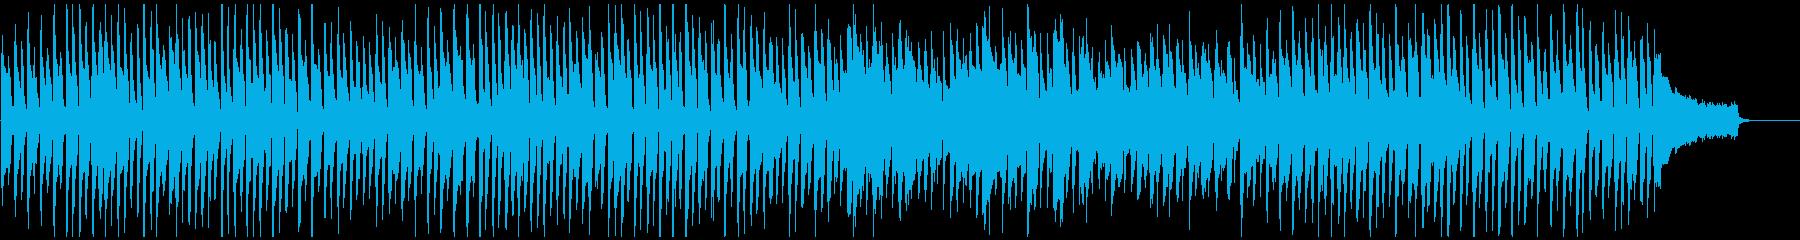 ふわふわリコーダー、猫、犬、ペット動画にの再生済みの波形